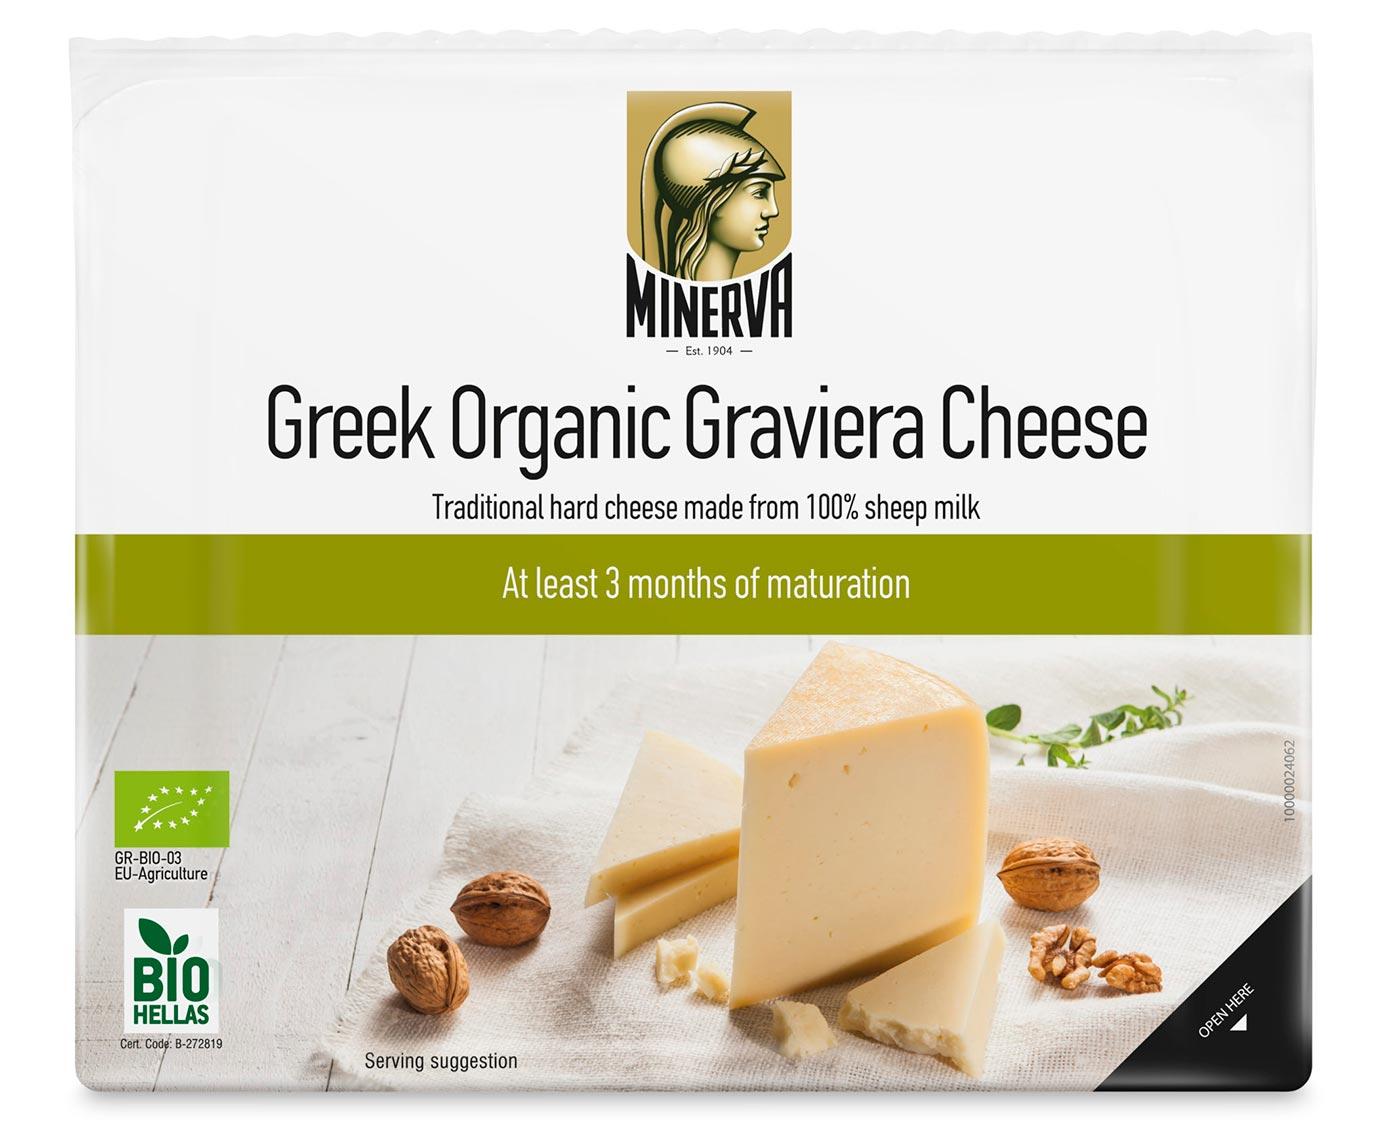 Minerva Organic Graviera Cheese